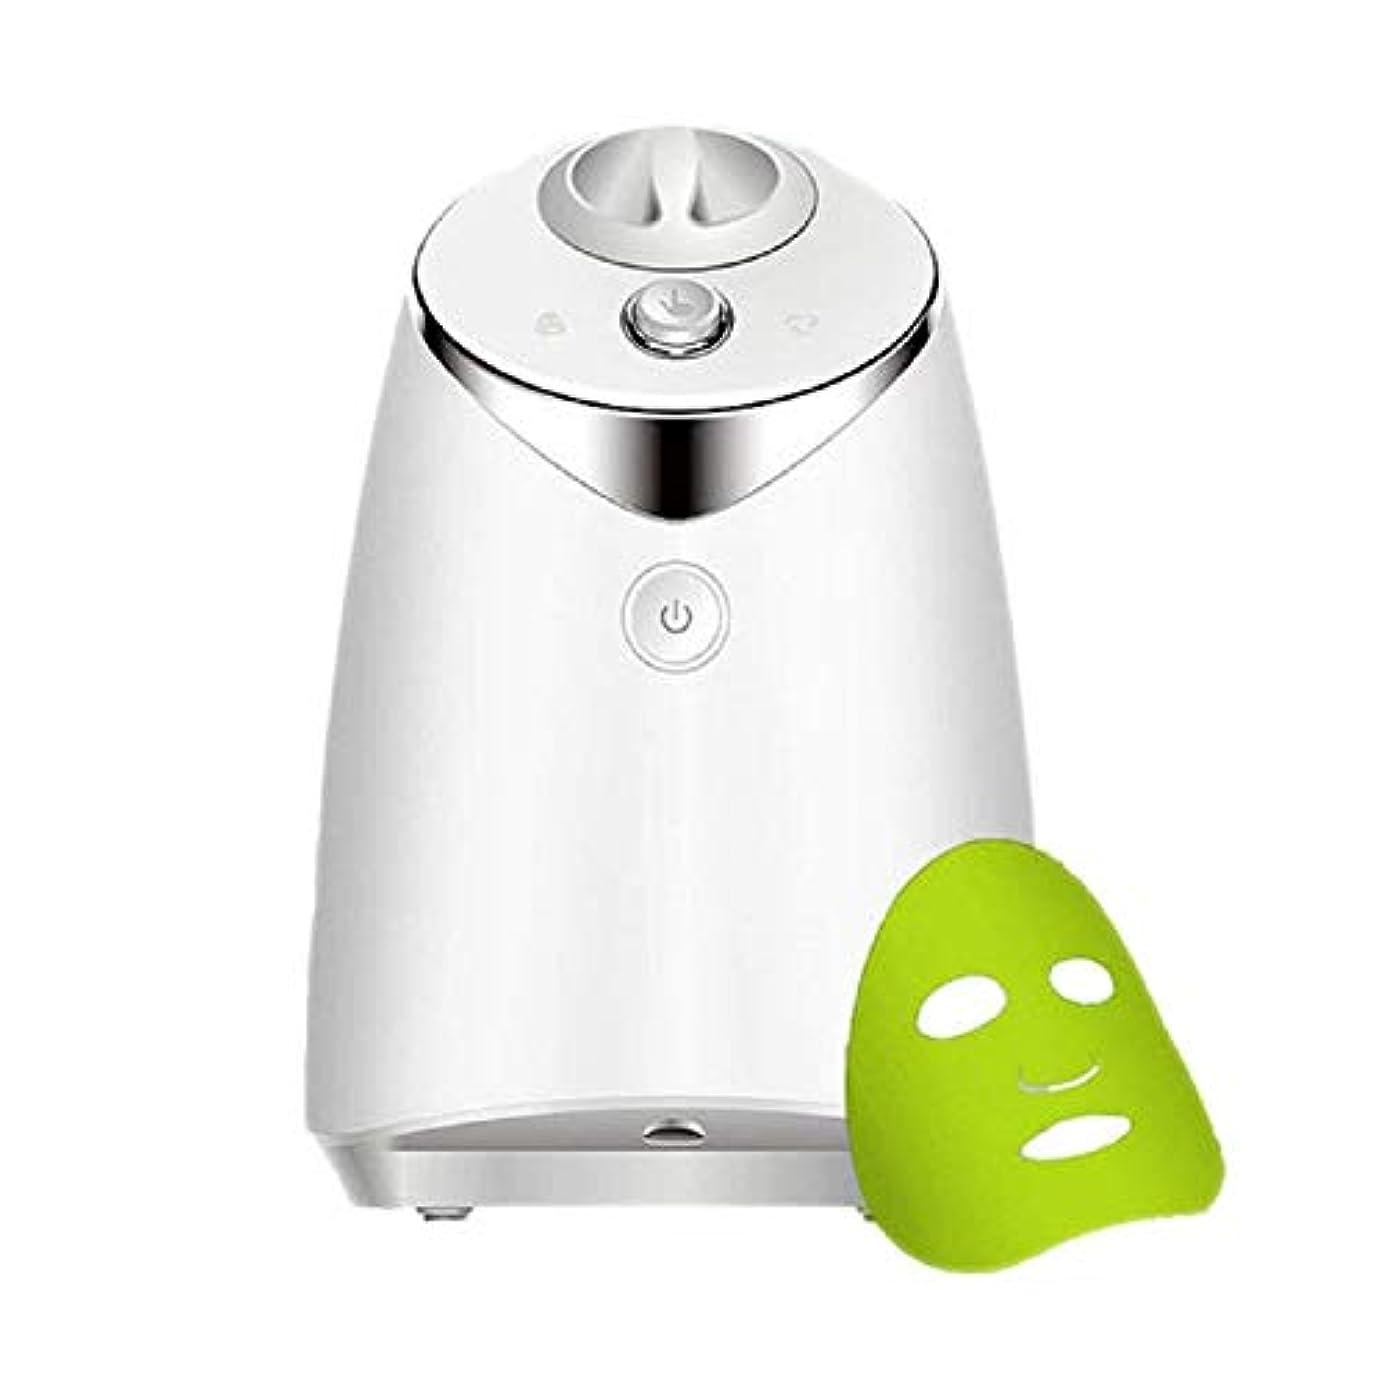 実行カスケード複合フルーツと野菜マスク製造機、フェイススチーマー100%ナチュラル自家製自動美容器/インテリジェントな音声プロンプトワンボタンクリーニング